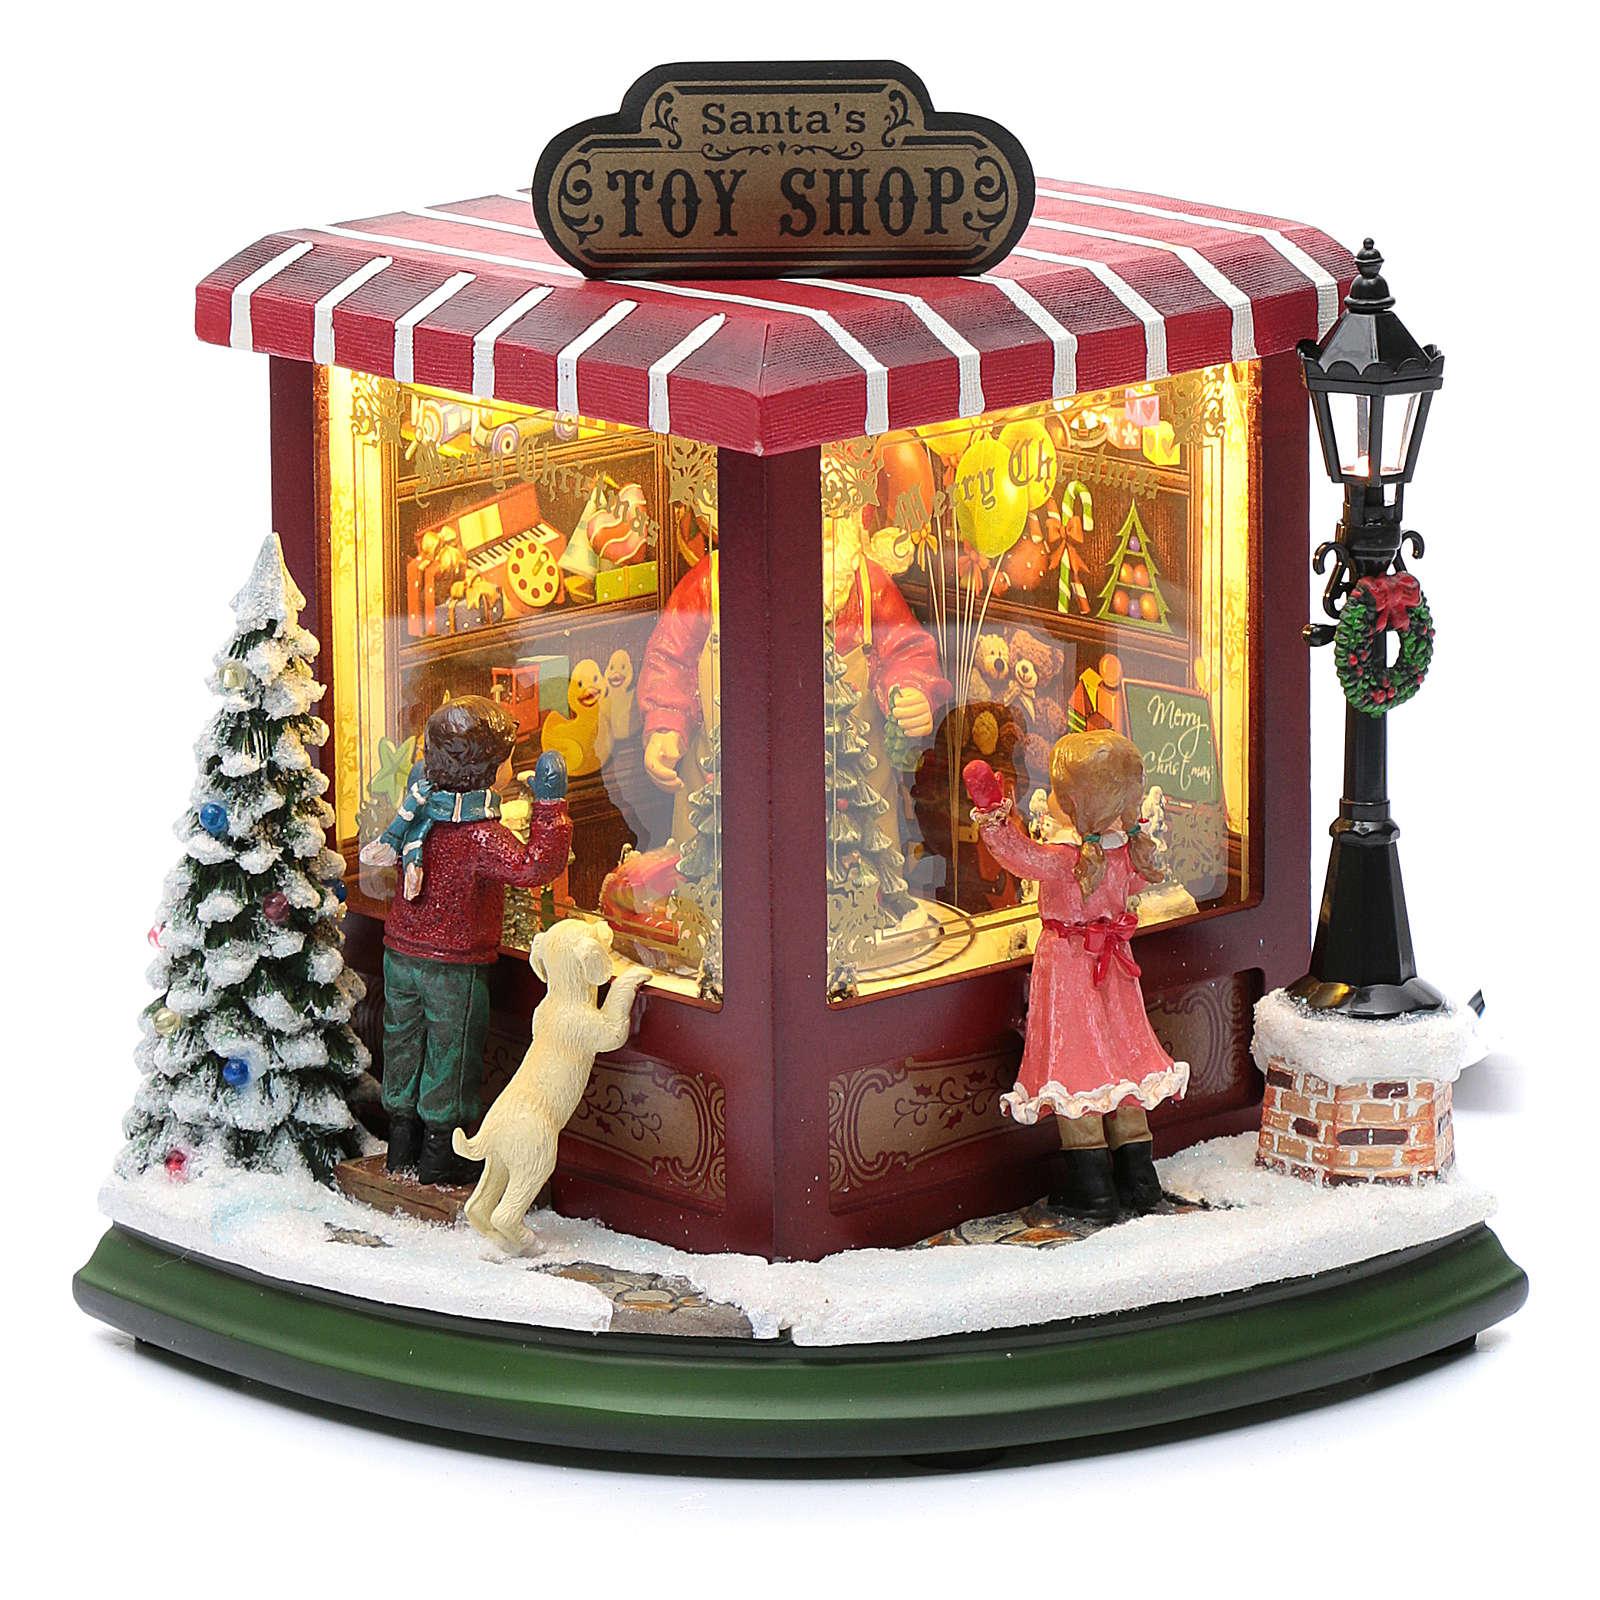 Negozio di giocattoli natalizi 20x25x15 cm 3